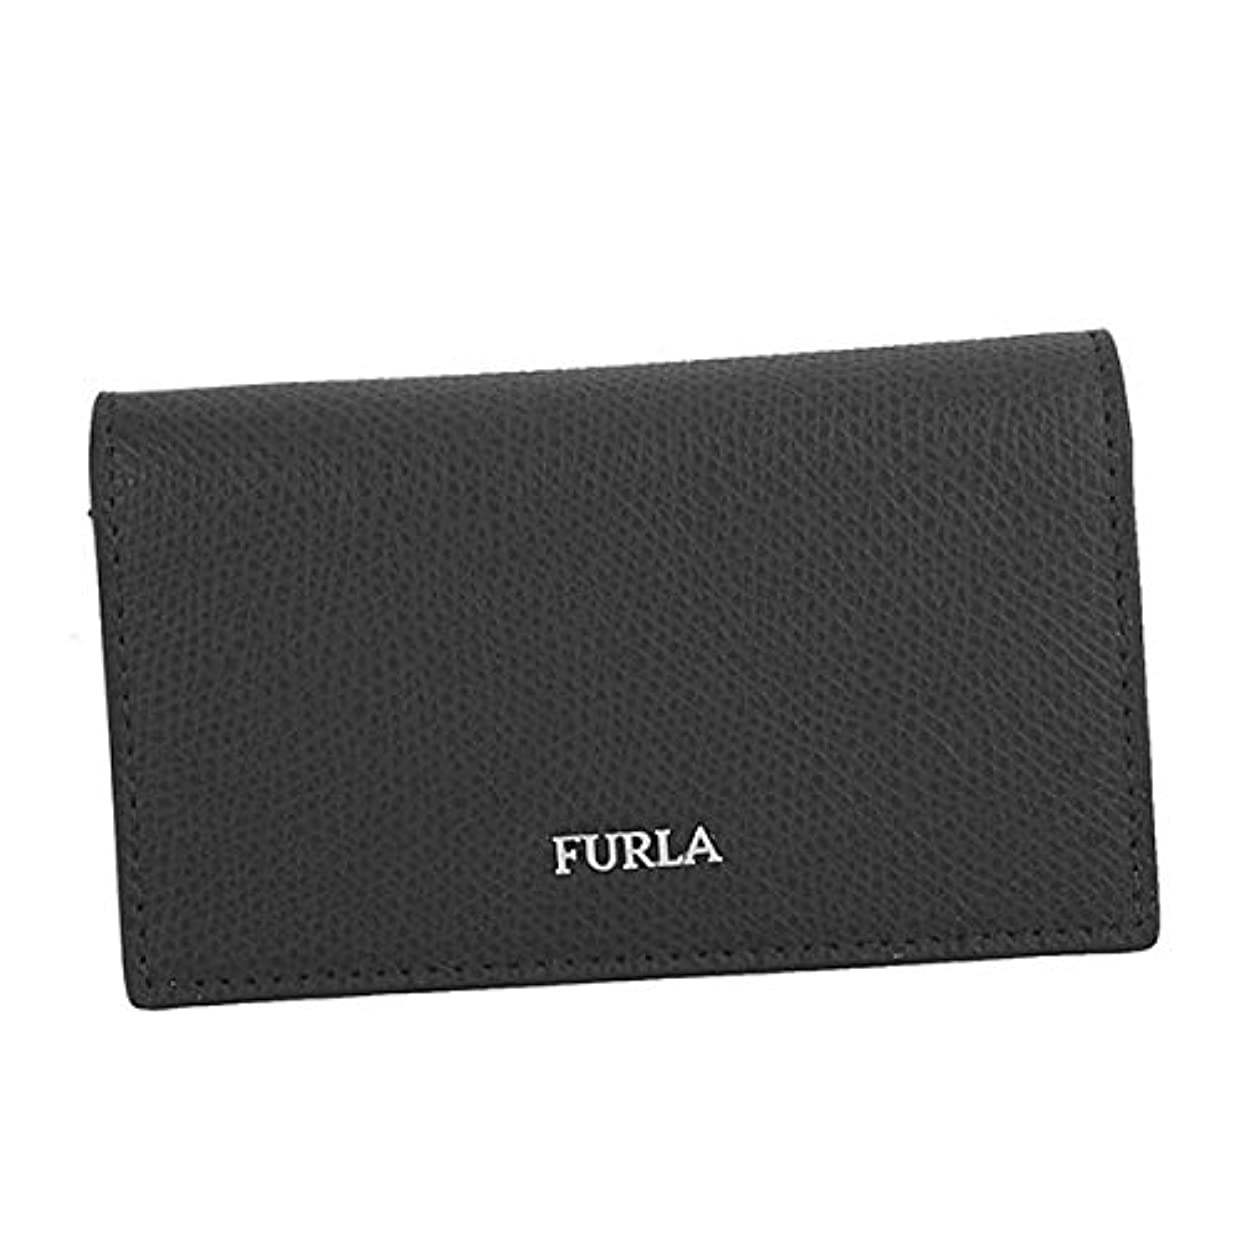 シーズンサッカー真実に(フルラ) FURLA MARTE BUSINESS CARD CASE 名刺入 #PT65 ATT O60 938192 ONYX 並行輸入品